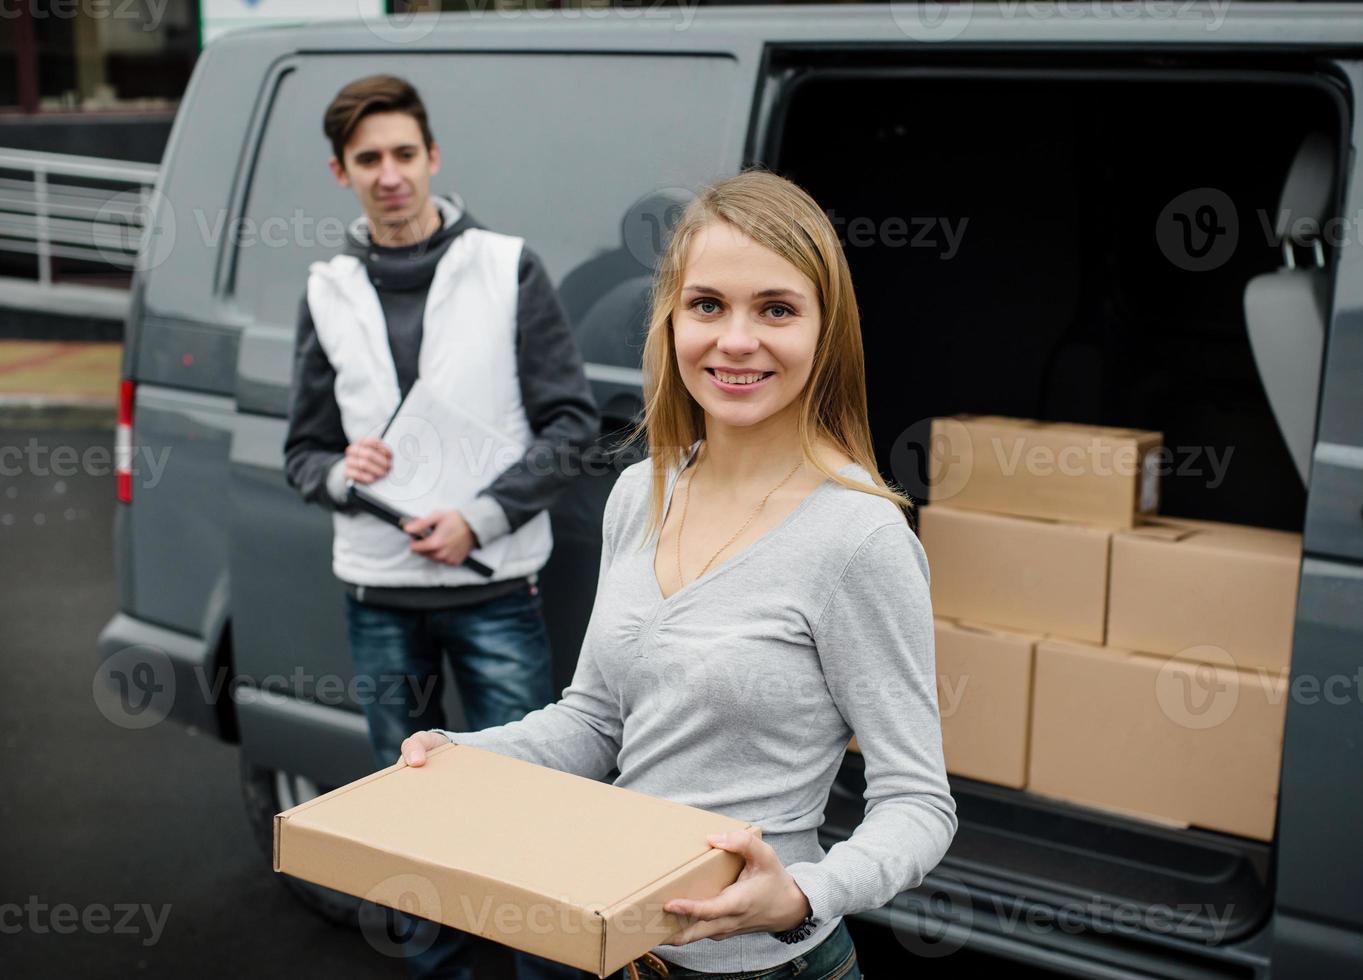 mujer feliz recibe paquete del servicio de entrega. foto